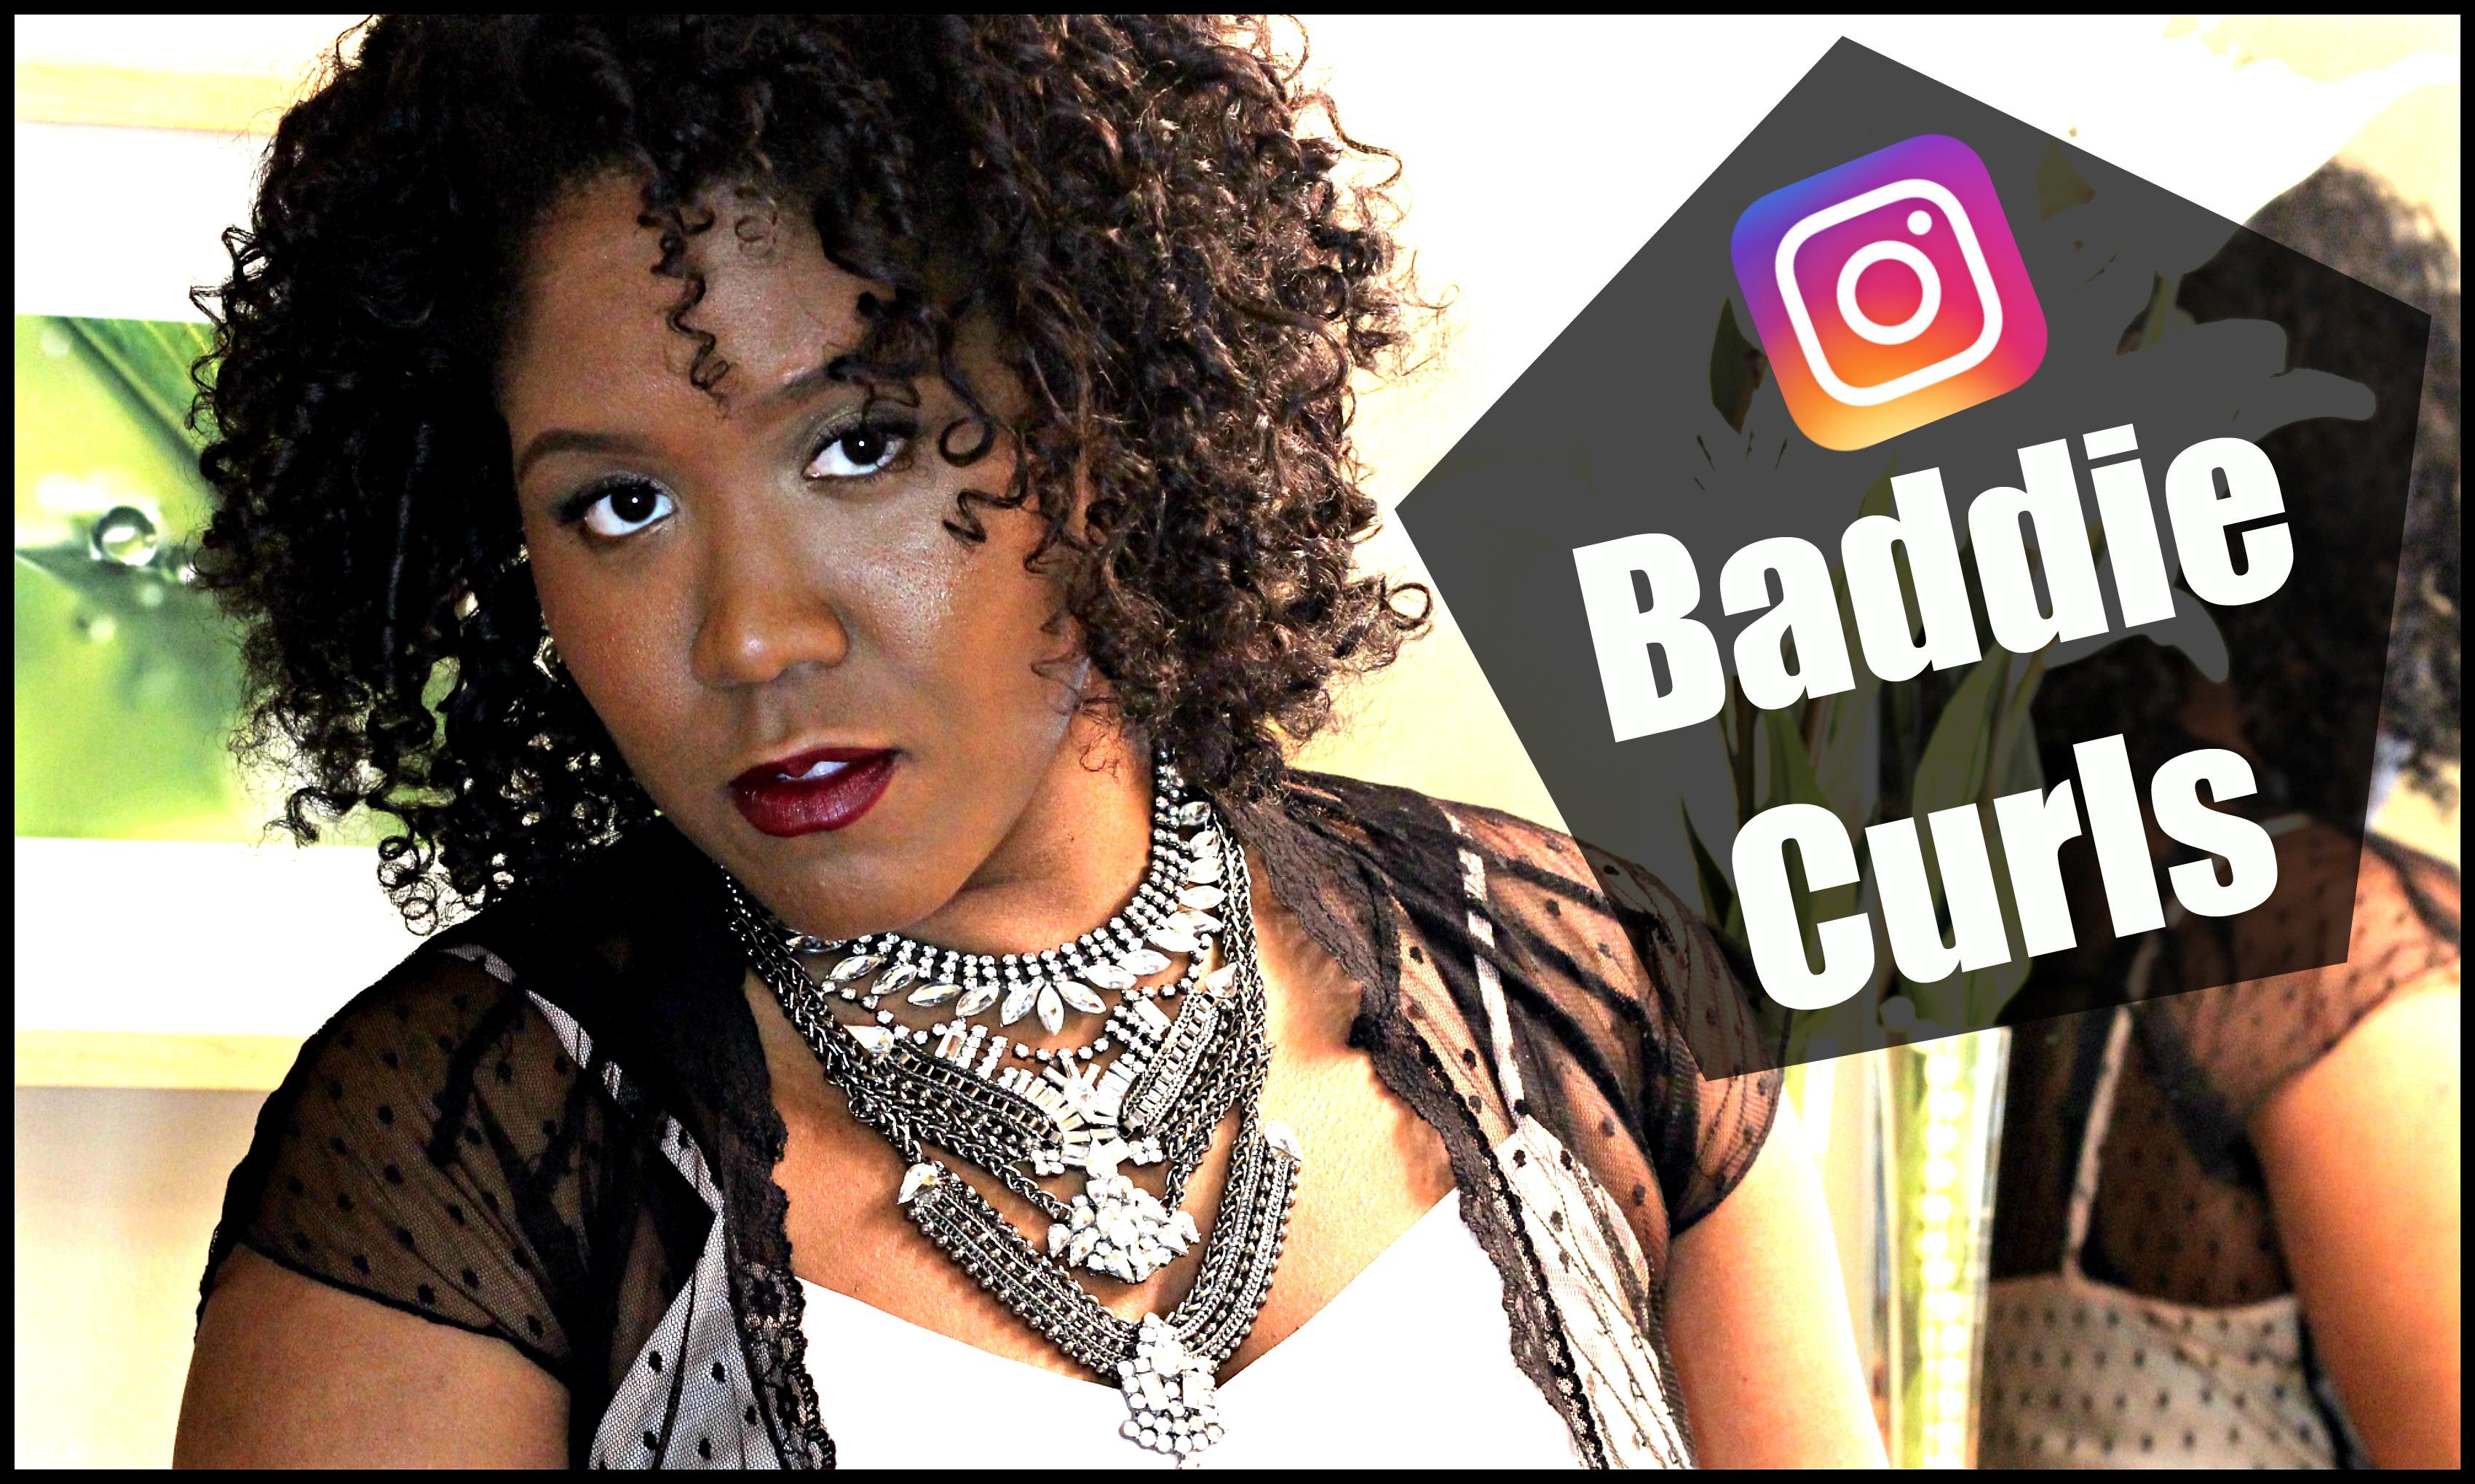 Instagram Baddie Curly Hair Tutorial The Style News Network